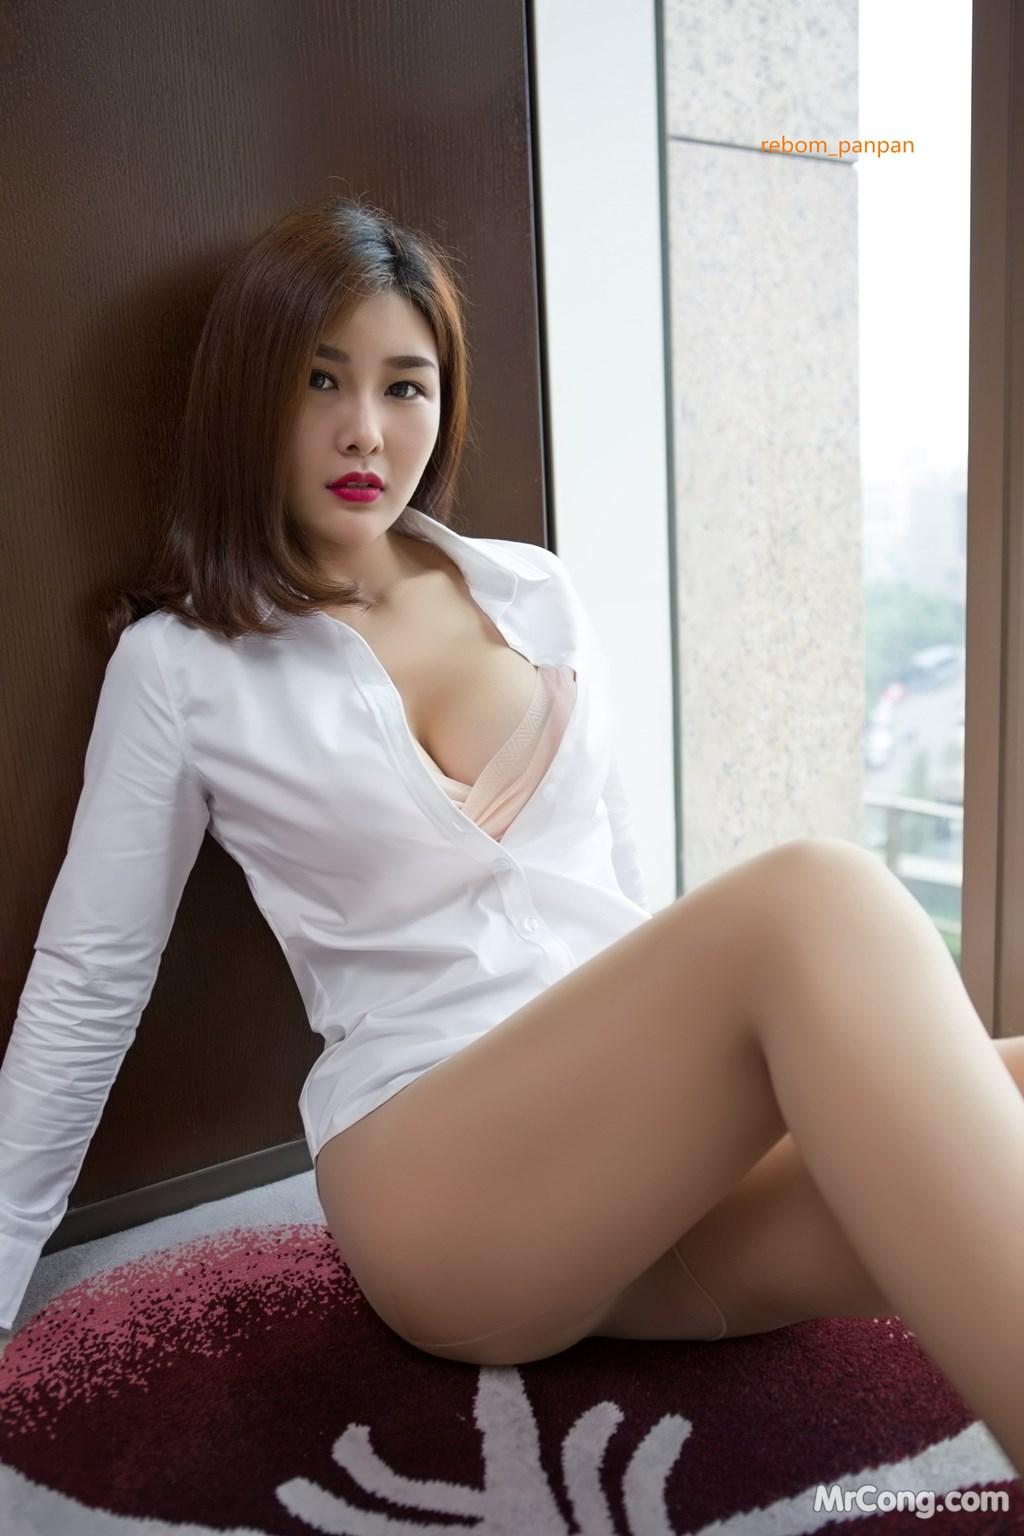 Image Yan-Pan-Pan-Part-4-MrCong.com-010 in post Người đẹp Yan Pan Pan (闫盼盼) hờ hững khoe vòng một trên giường ngủ (40 ảnh)